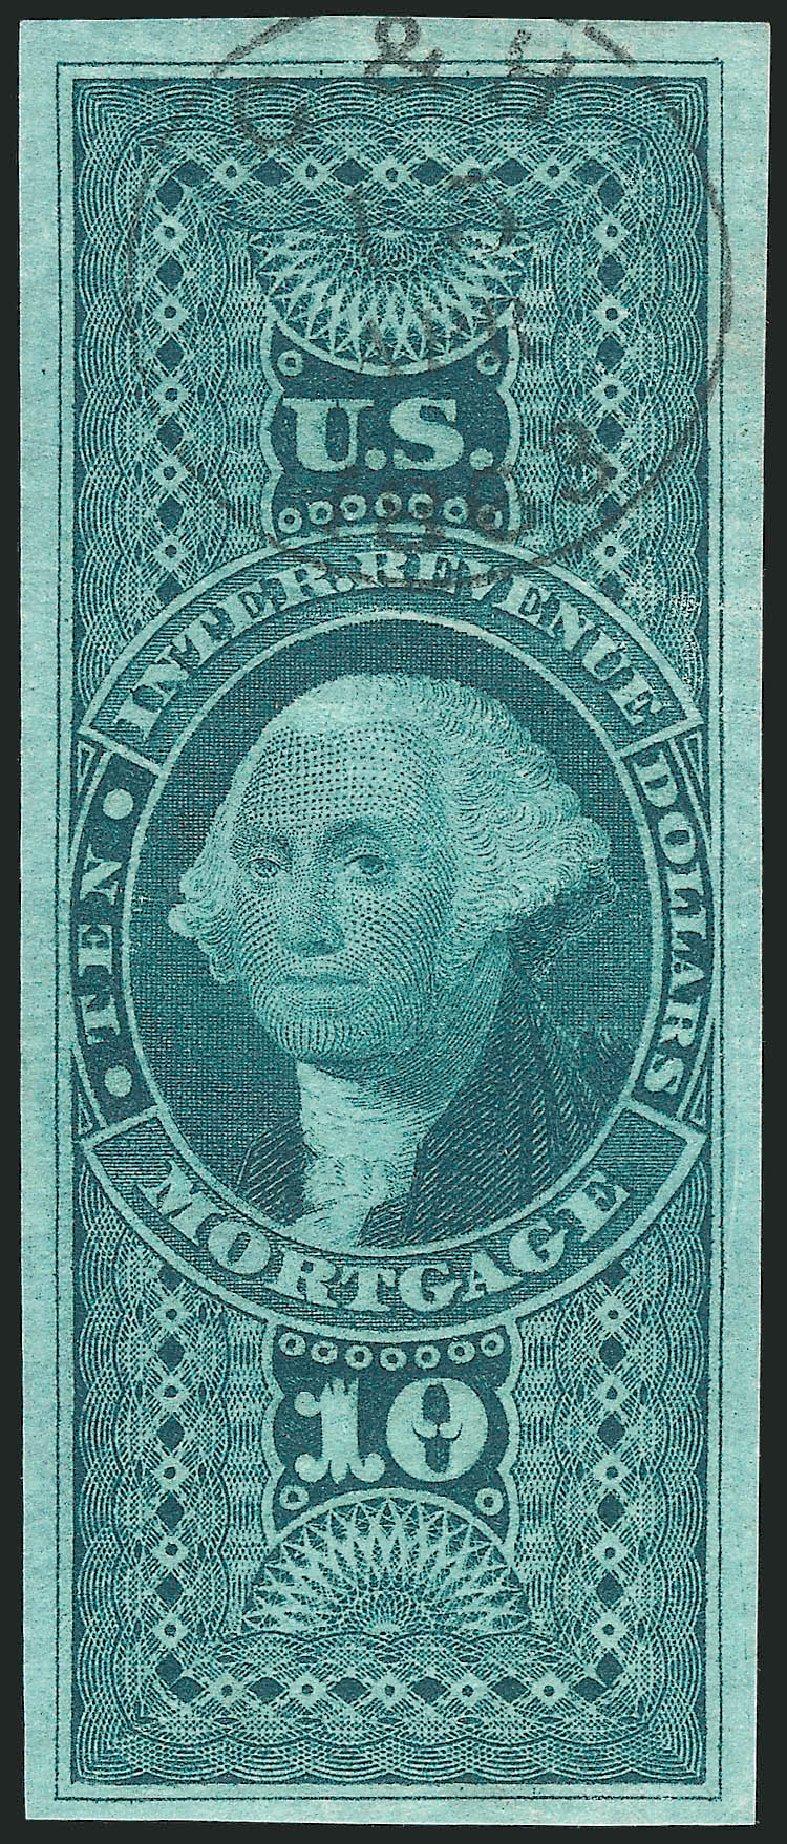 US Stamps Value Scott Catalog #R95 - US$10.00 1862 Revenue Mortgage. Robert Siegel Auction Galleries, Dec 2014, Sale 1089, Lot 264